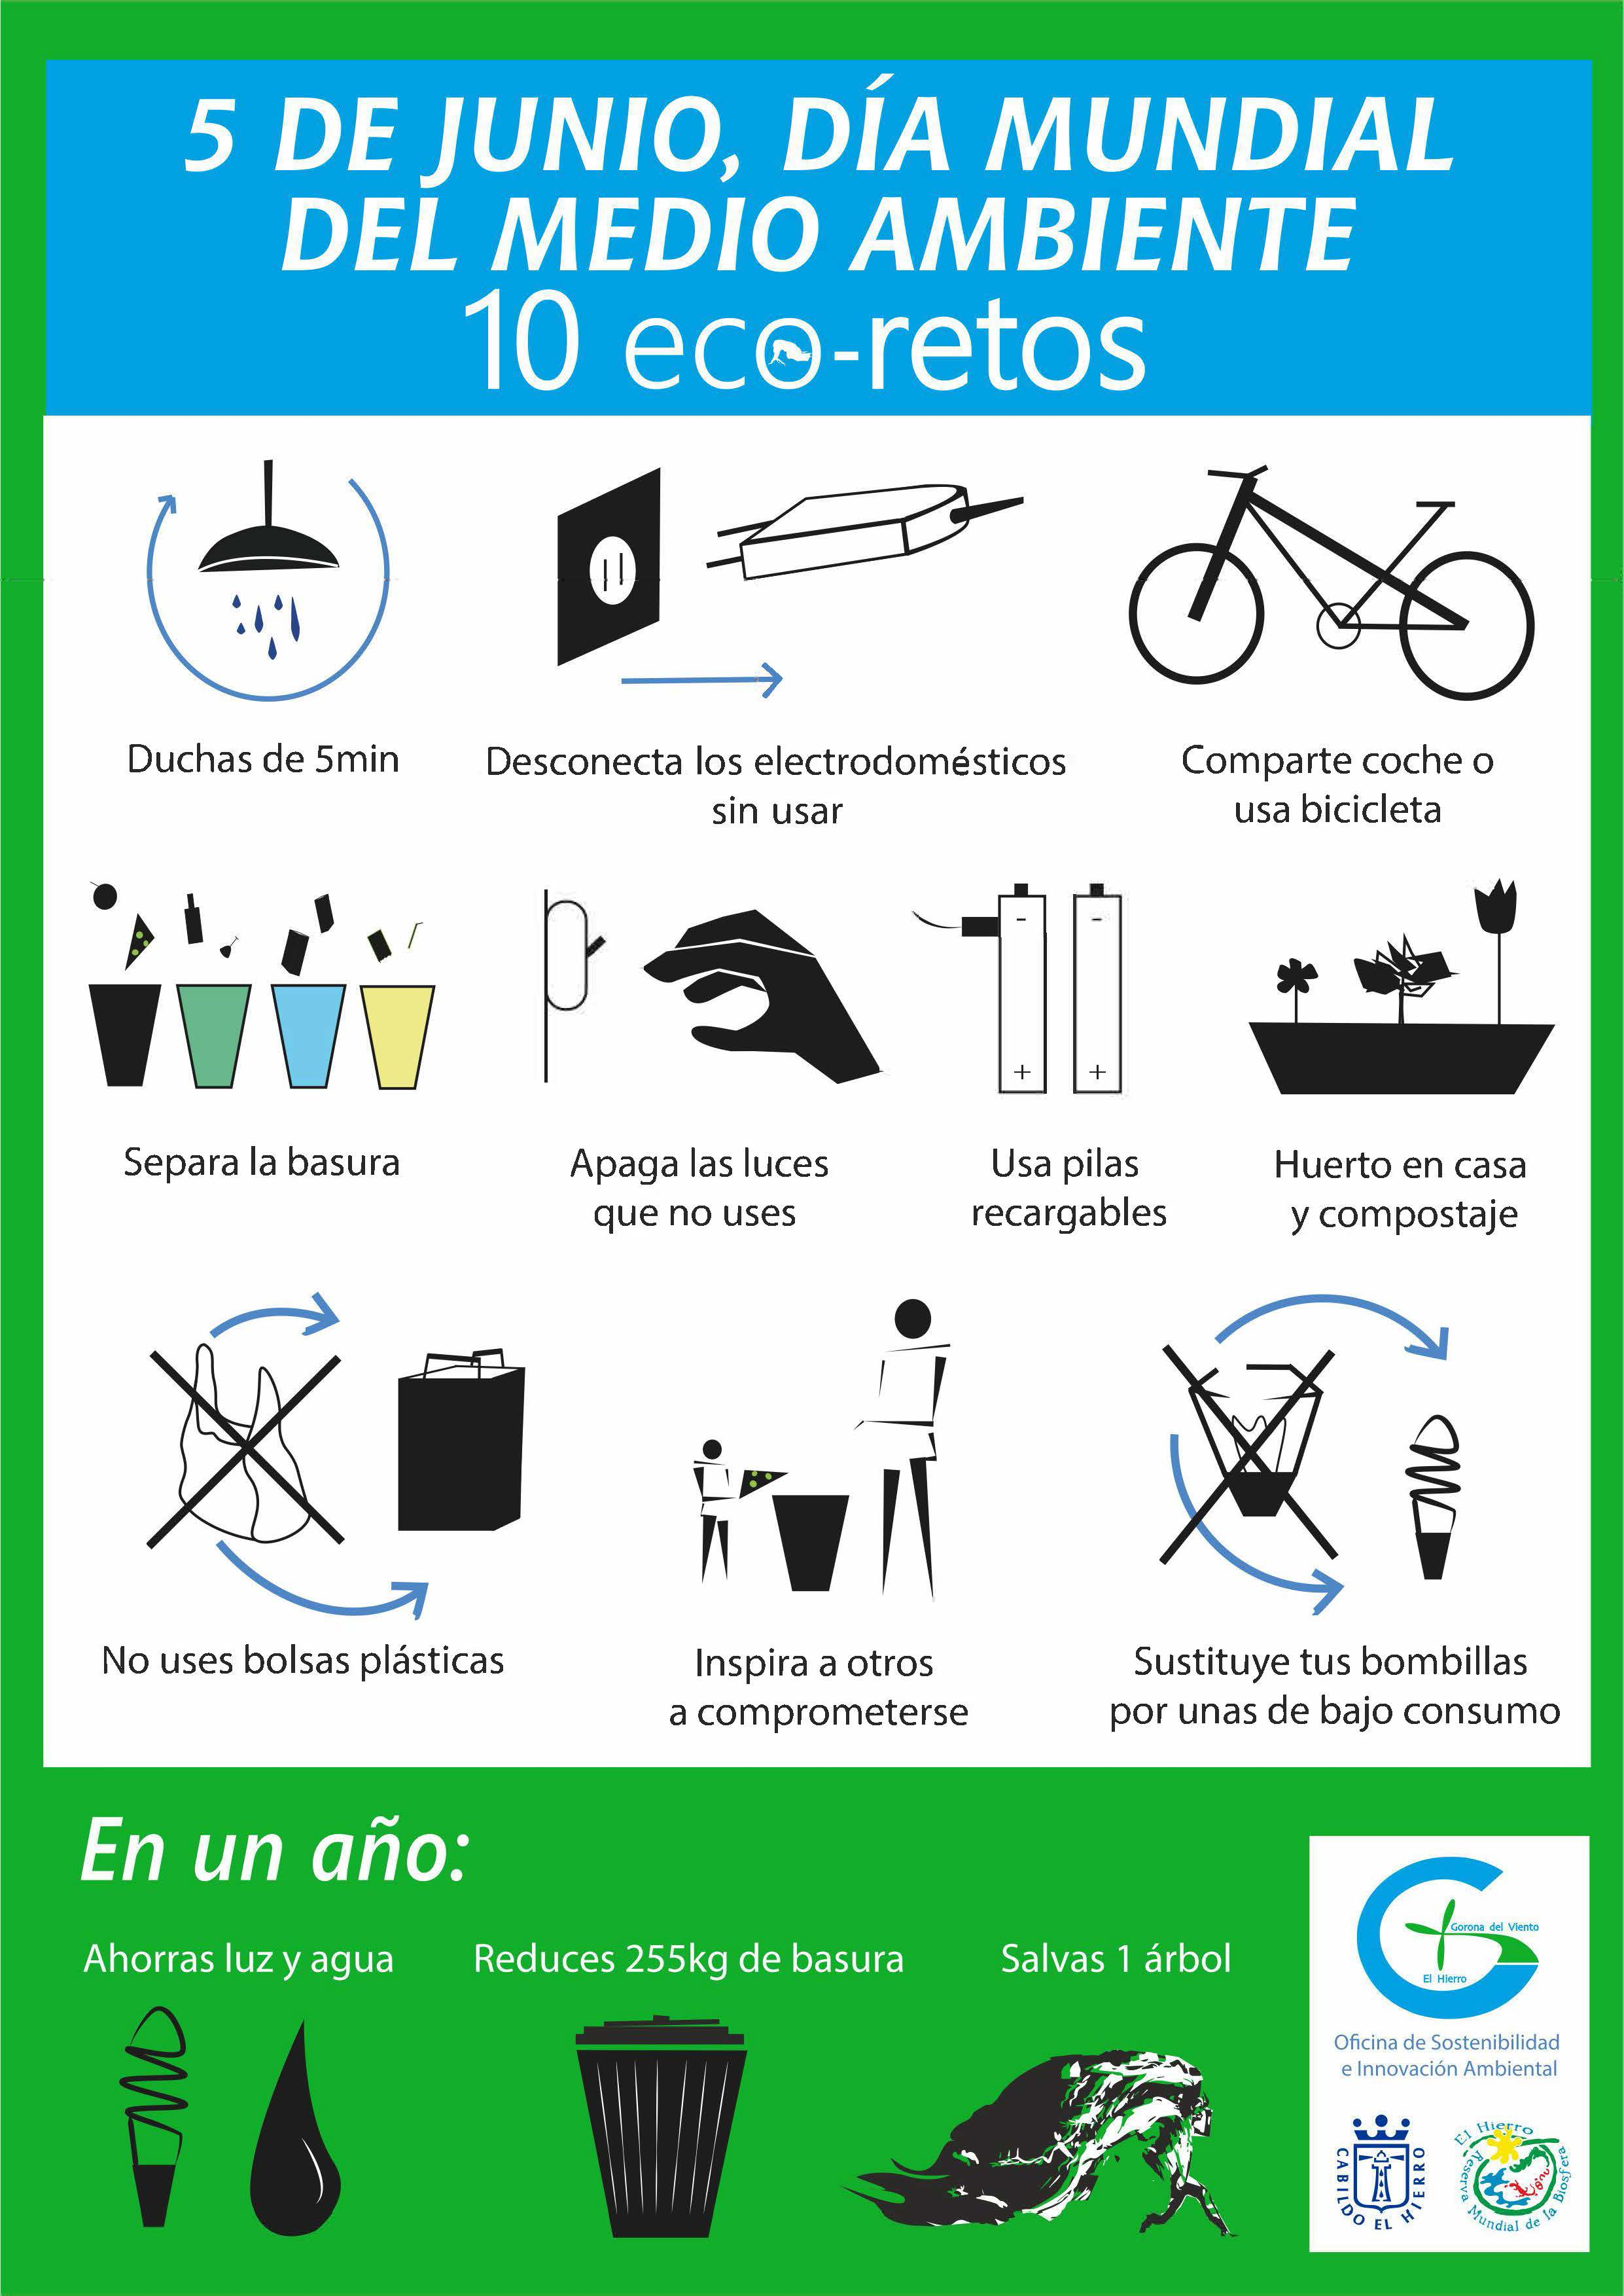 Gorona del Viento El Hierro commemorates World Environment Day